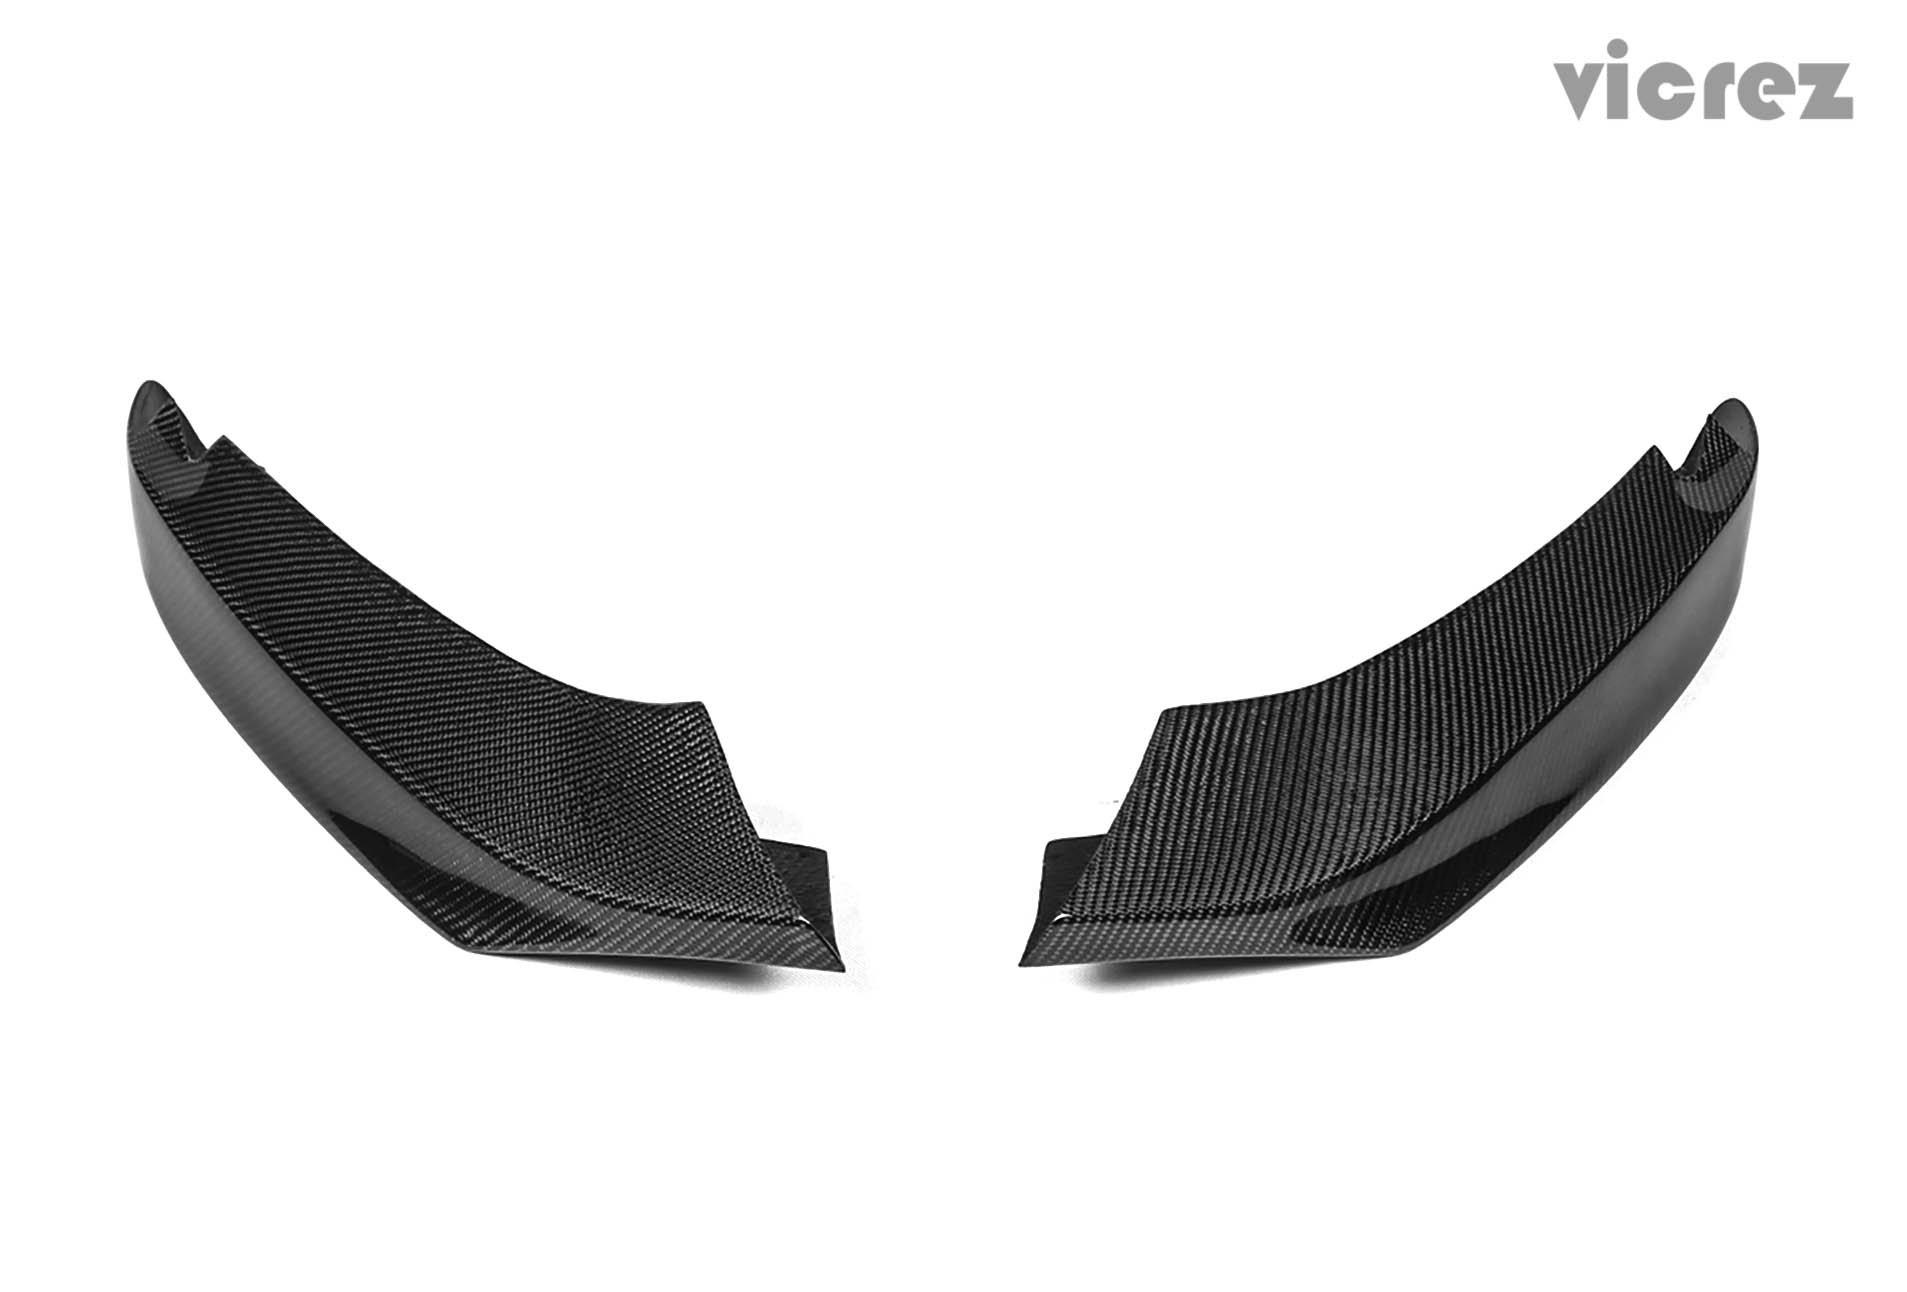 Vicrez BMW 4 Series F32 F33 F36 M sport 2014-2016 Carbon Fiber Front Bumper Splitters - vz100415